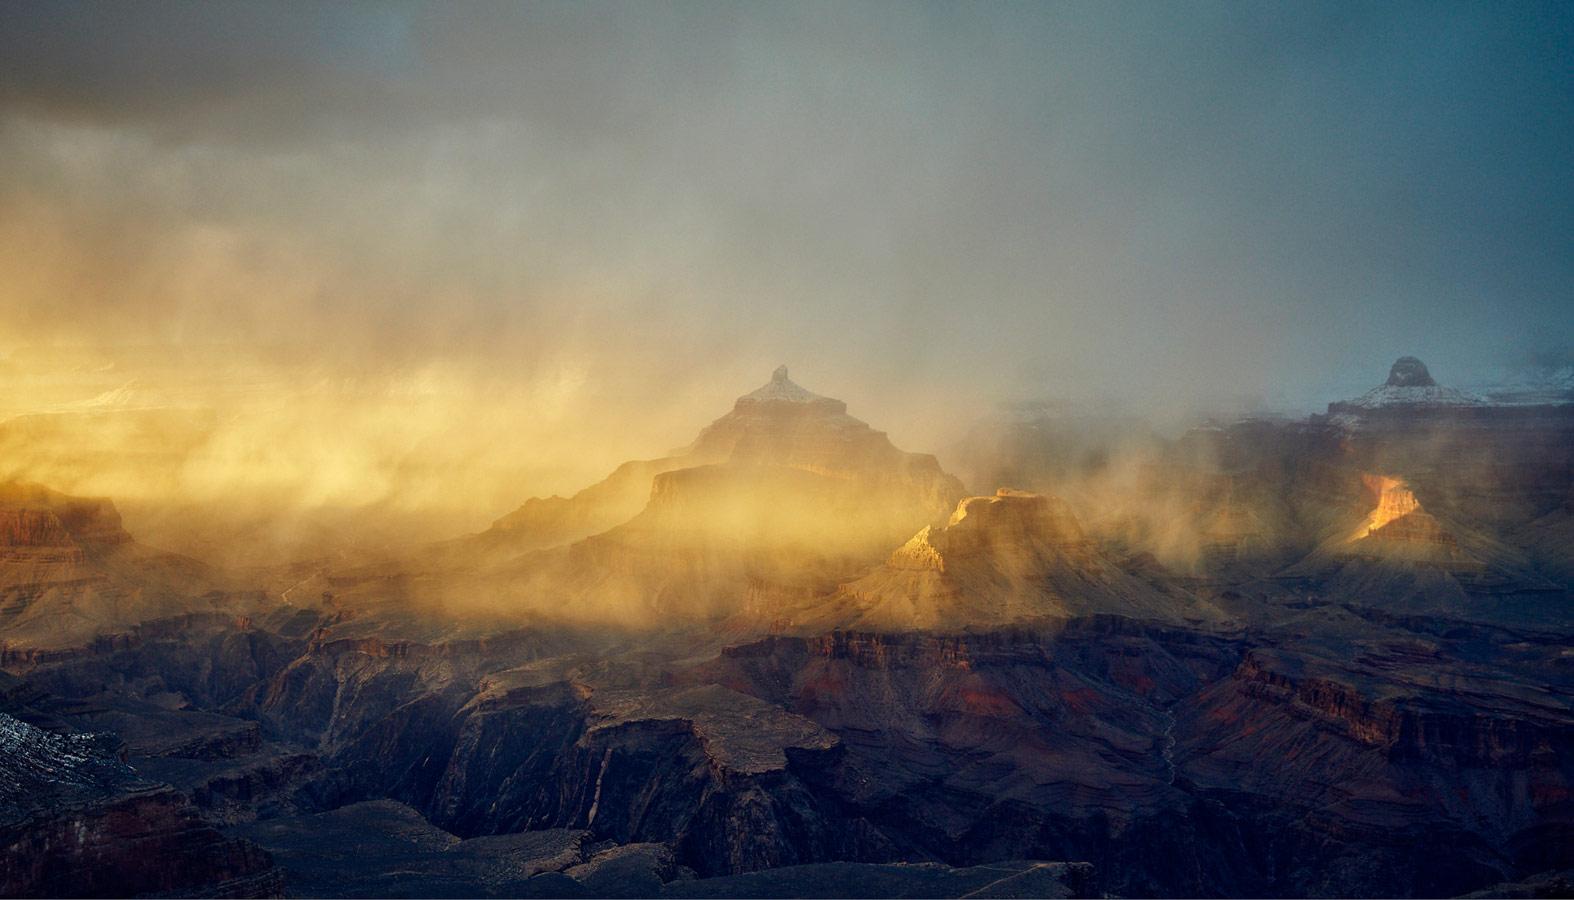 Большой Каньон, © Ти Коле, Бруклин, США, Финалист категории «Пейзажи», Фотоконкурс «Великие просторы» — пейзажи и живая природа — The Great Outdoors